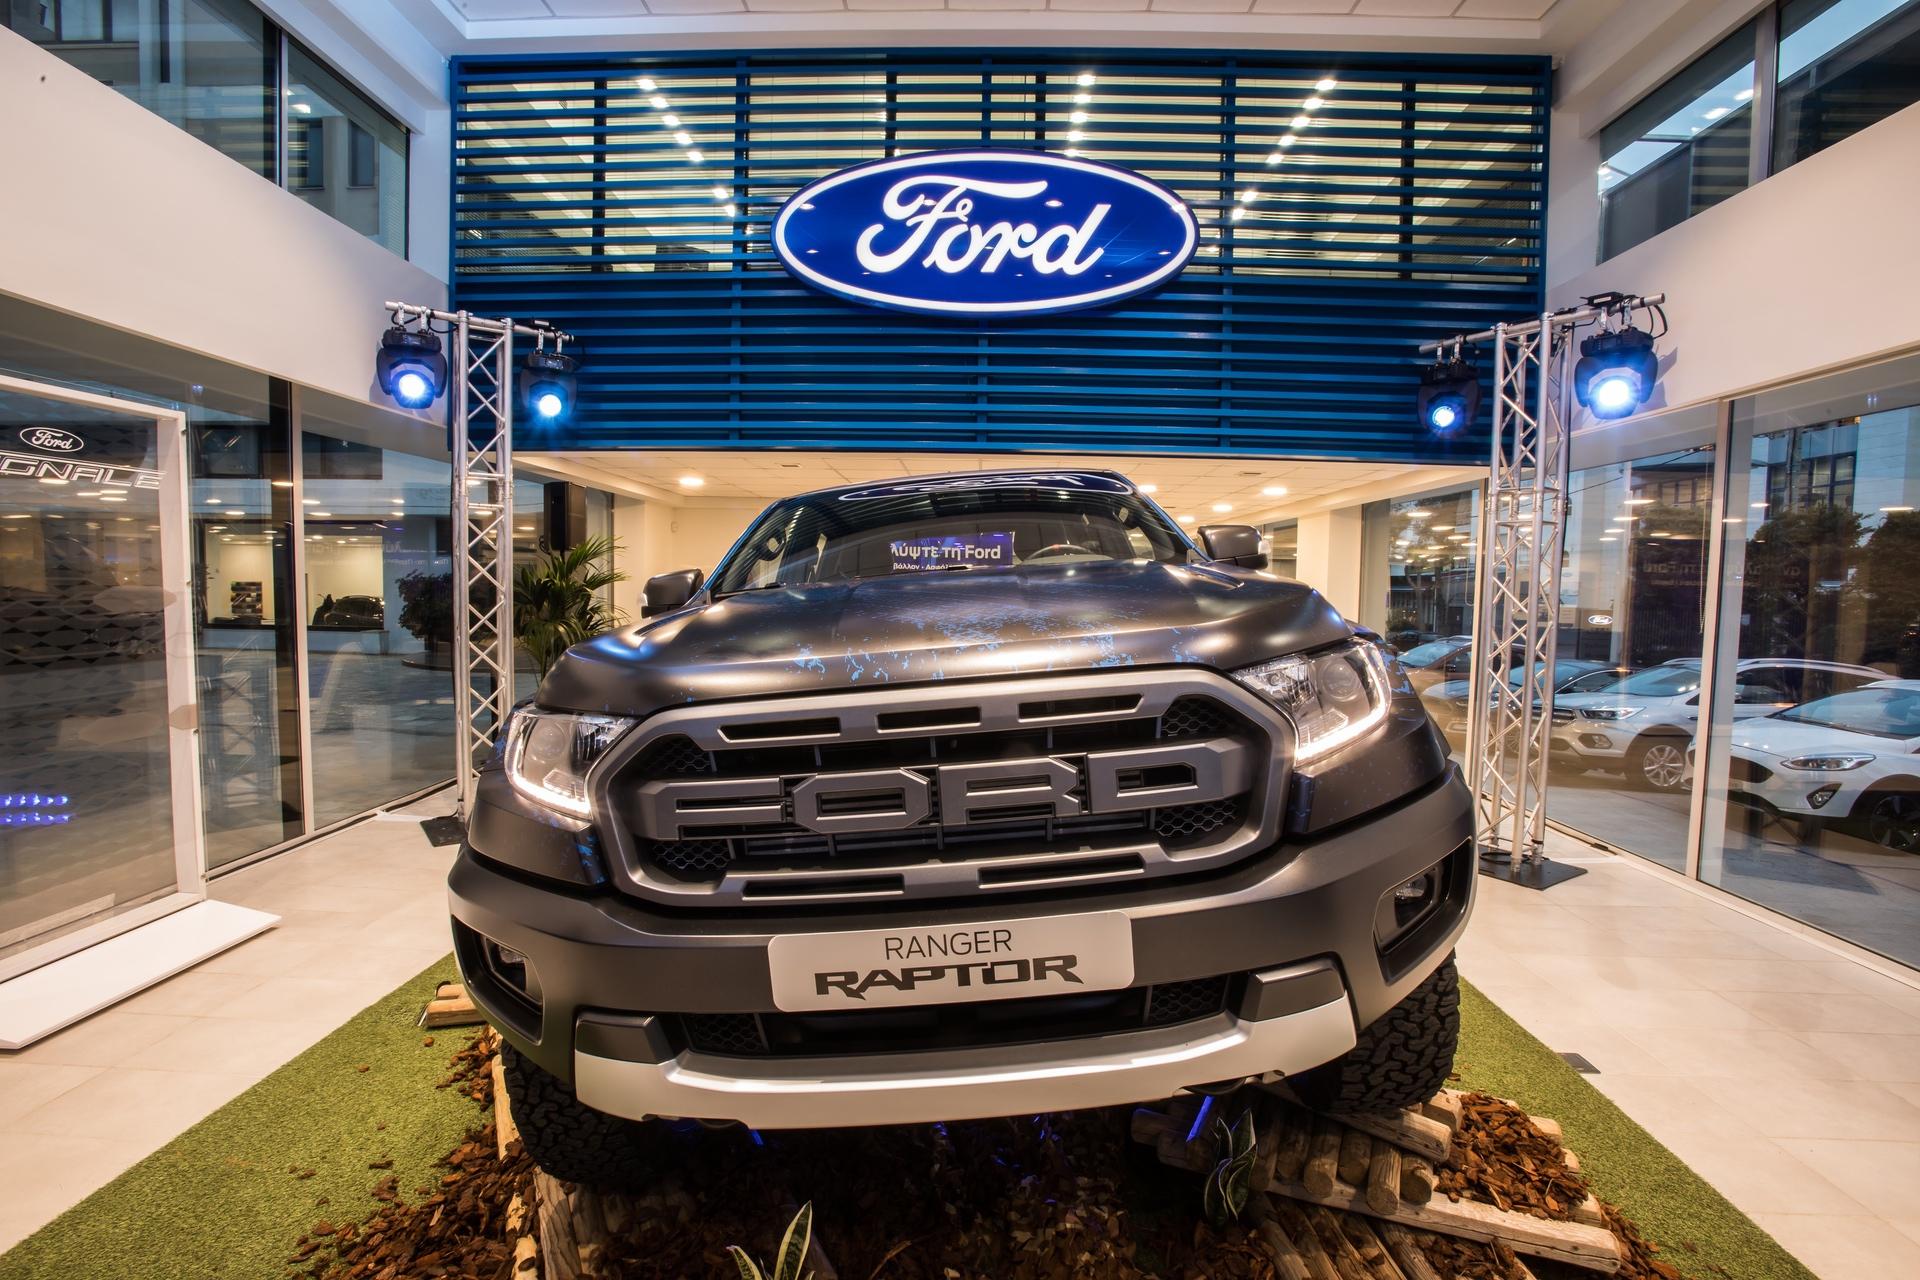 Ford_Ranger_Raptor_greek_resentation_0019